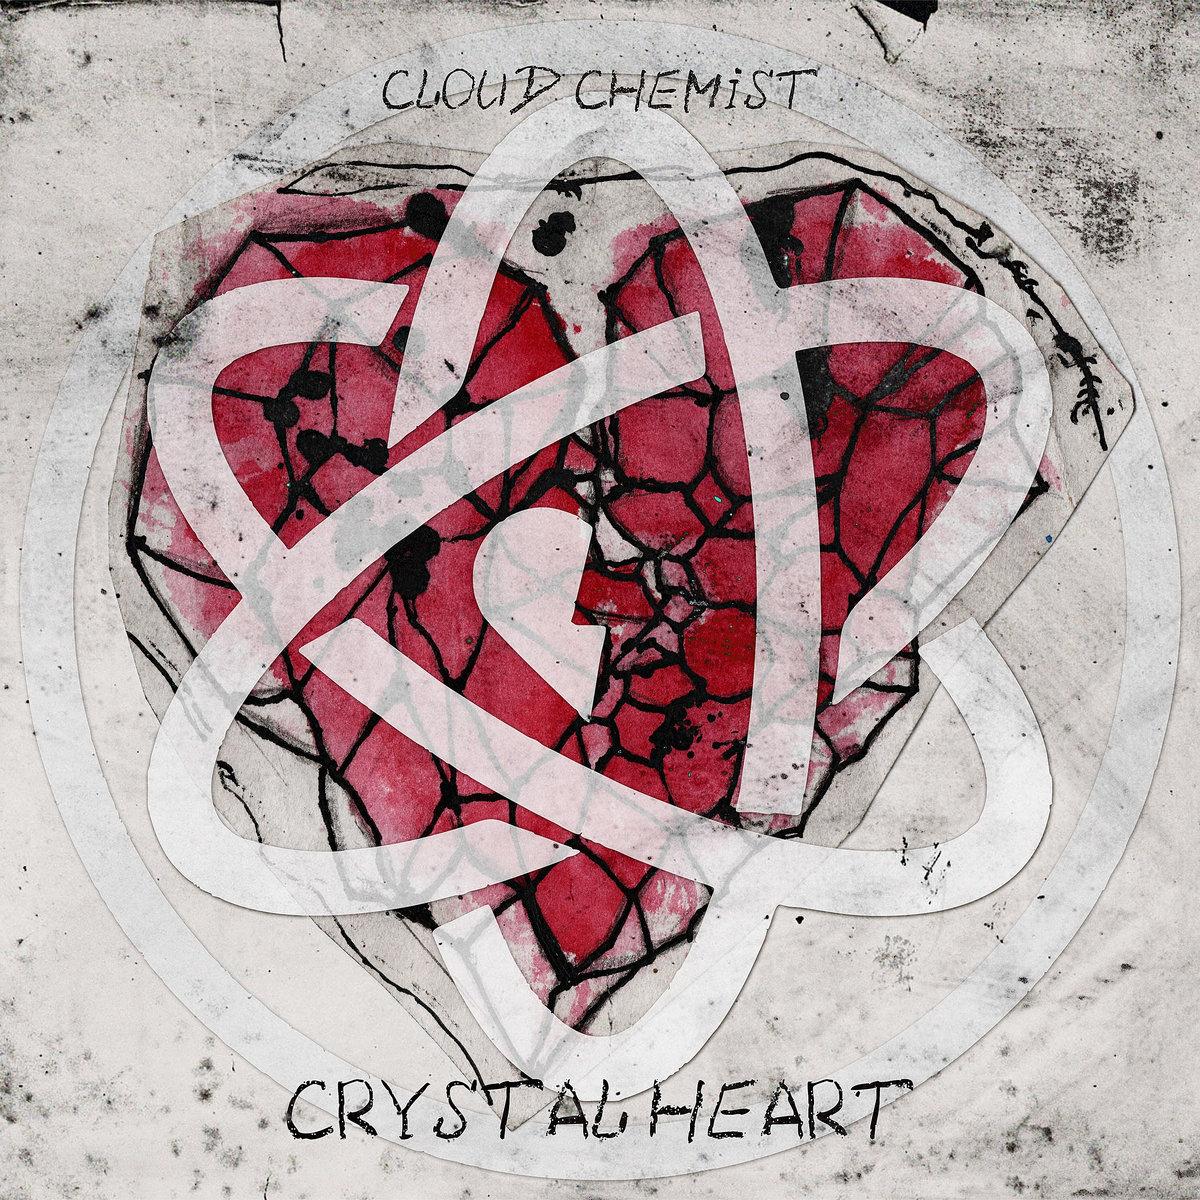 Cloud Chemist – Crystal Heart